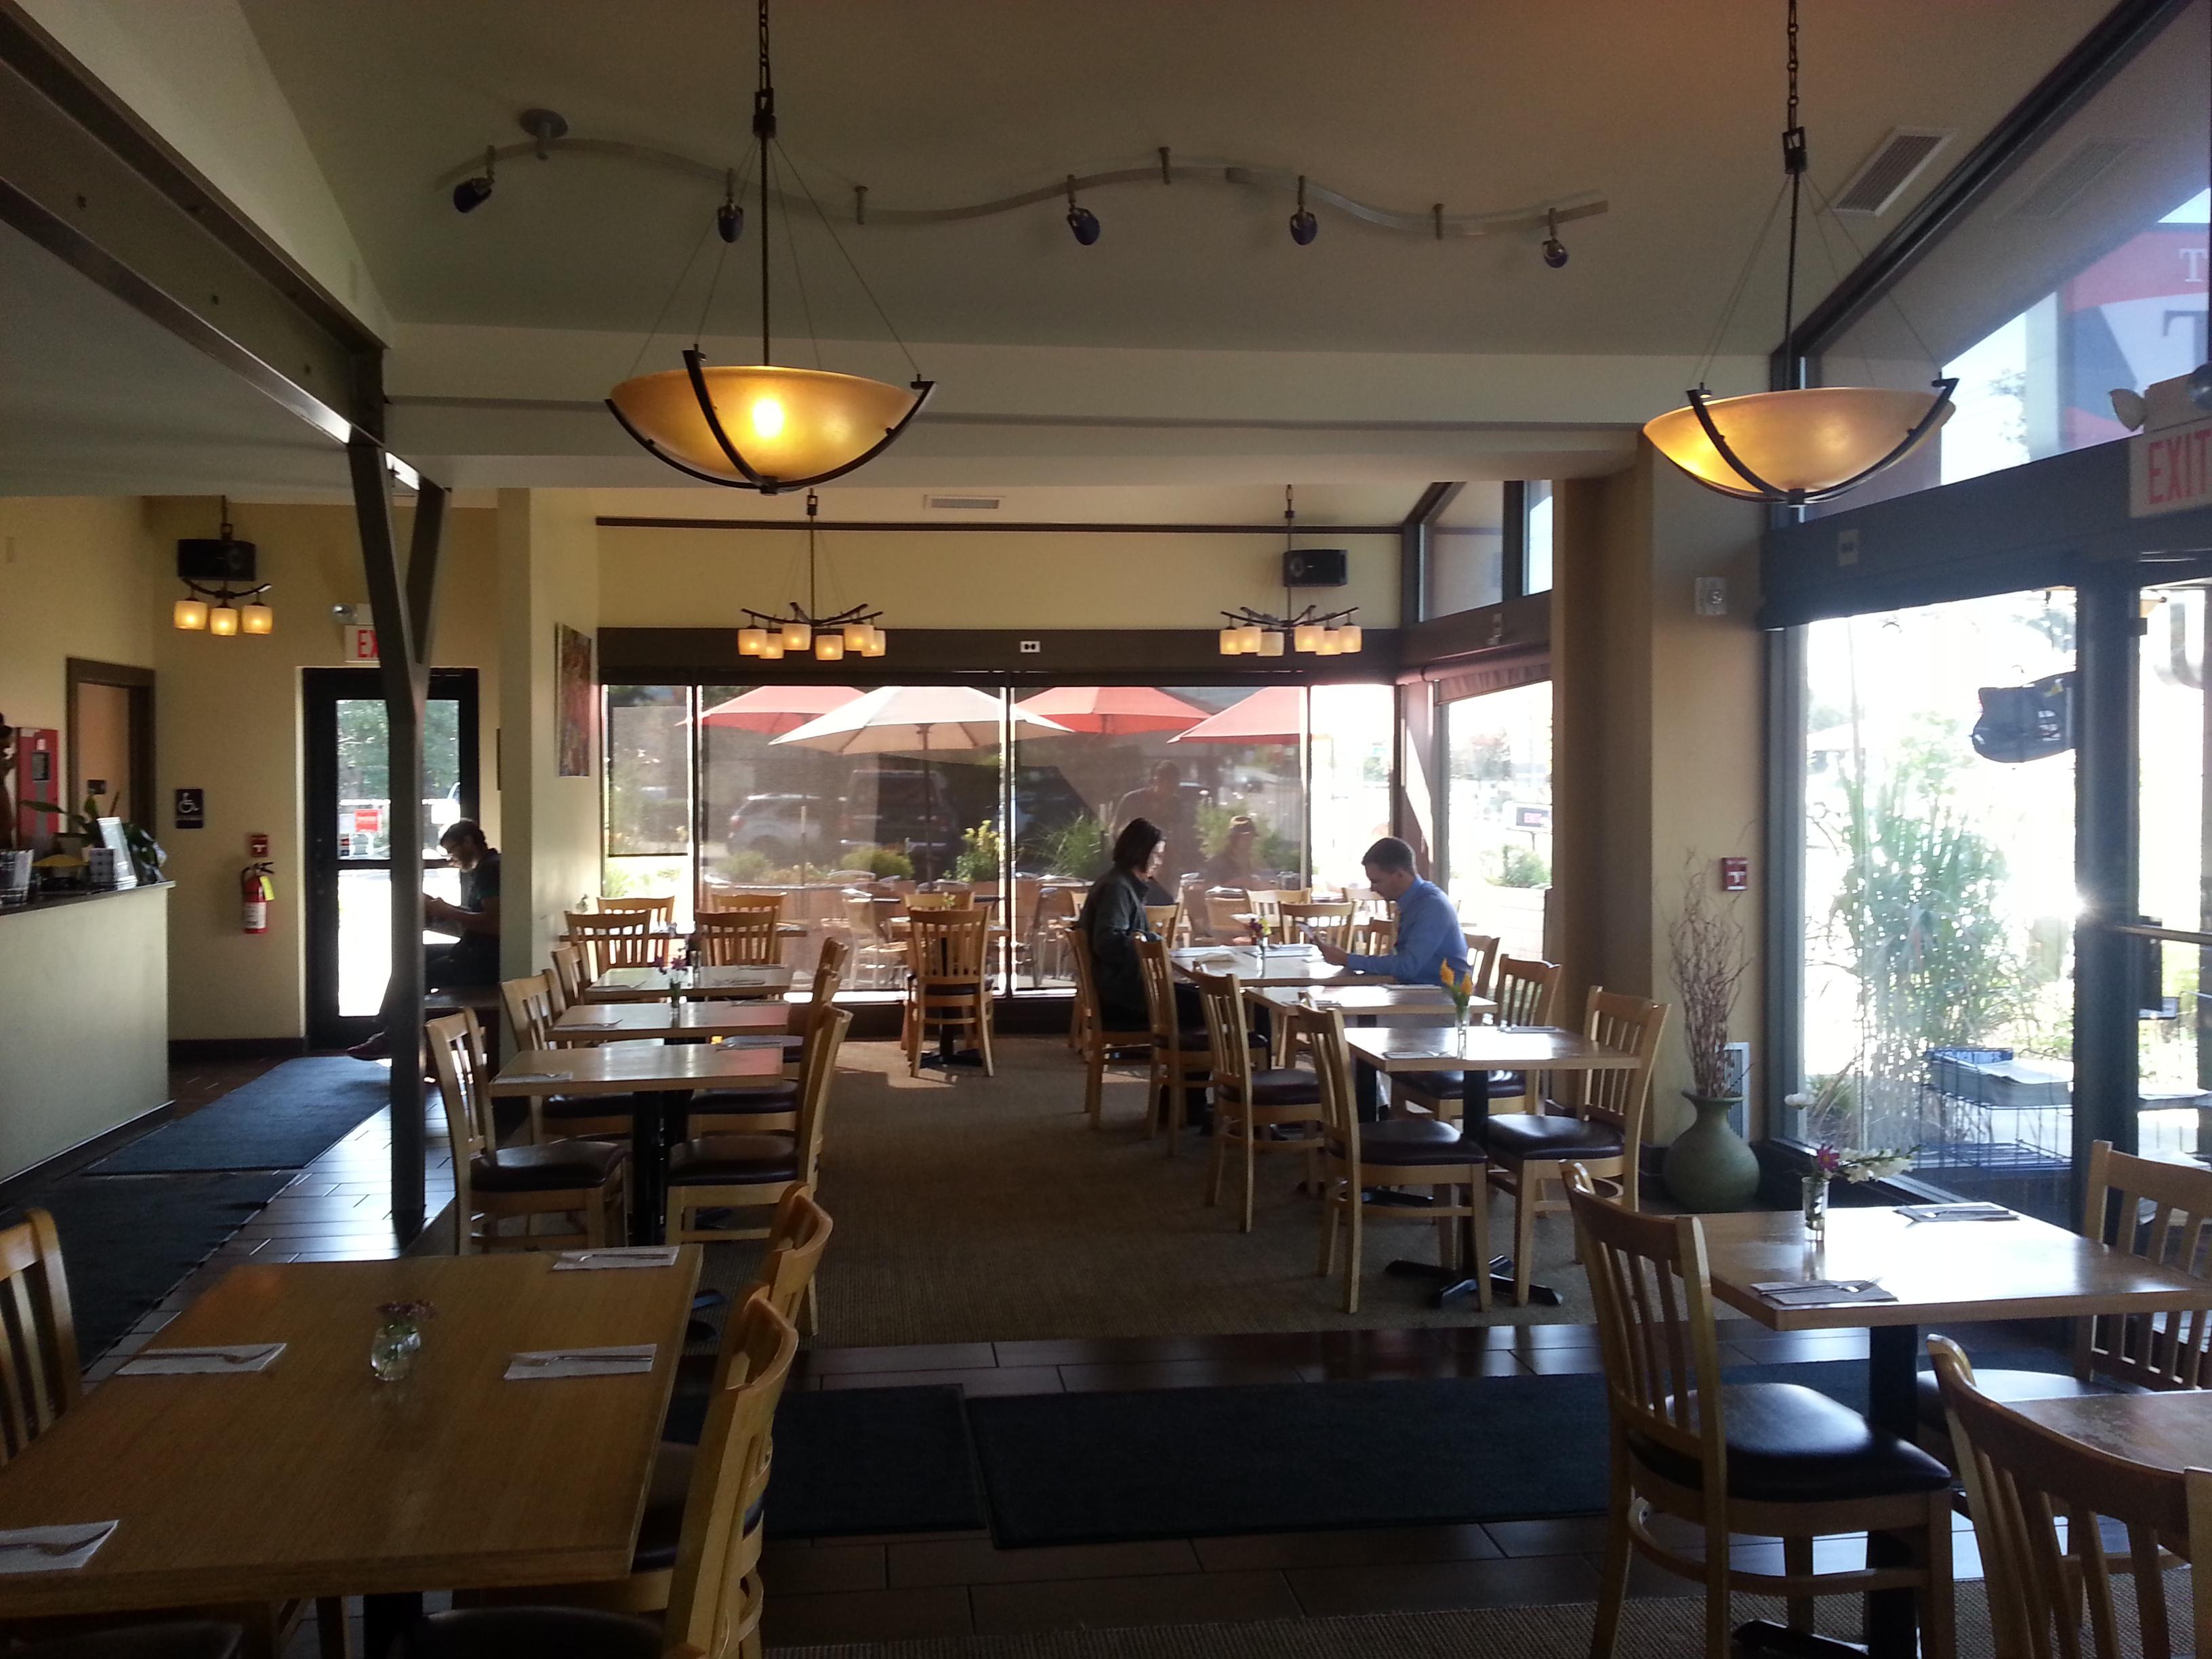 Schickel Architecture Restaurants